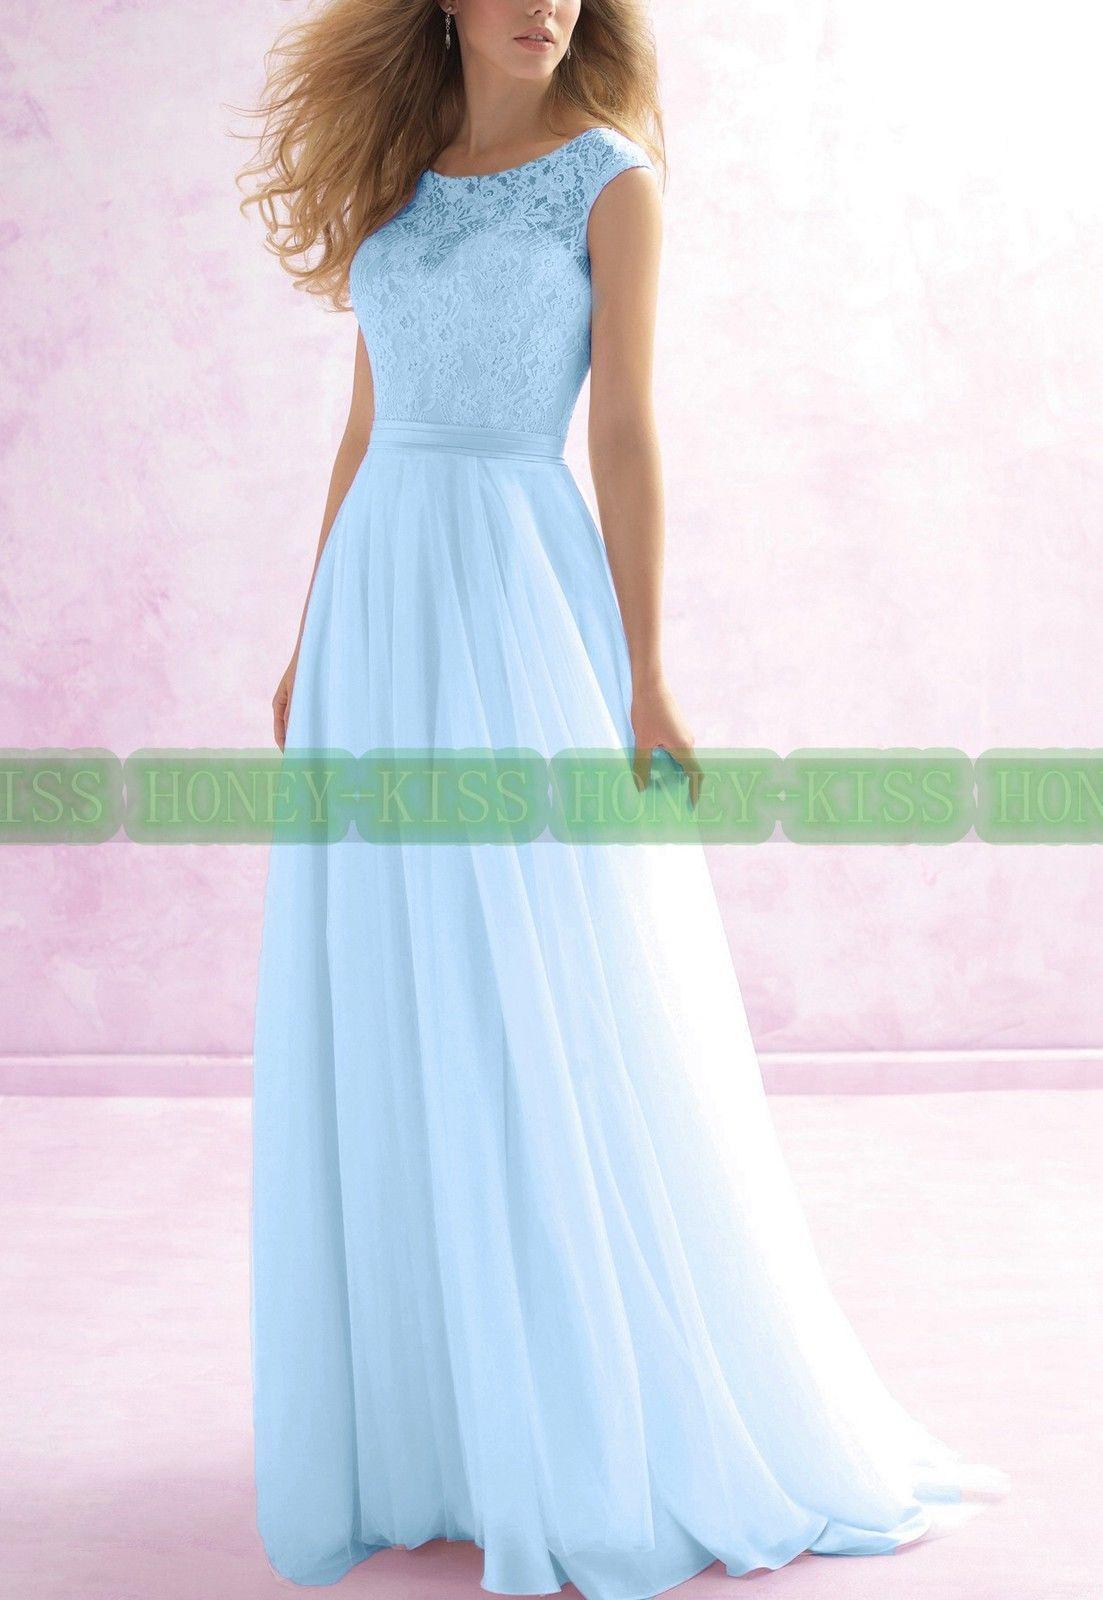 Brautjungfernkleider lange formale Spitze-Abend-Ballkleid-Partei-Abschlussball-Brautjungfern-Kleider schnüren sich Chiffon- Kleidbrautjungfernknickente